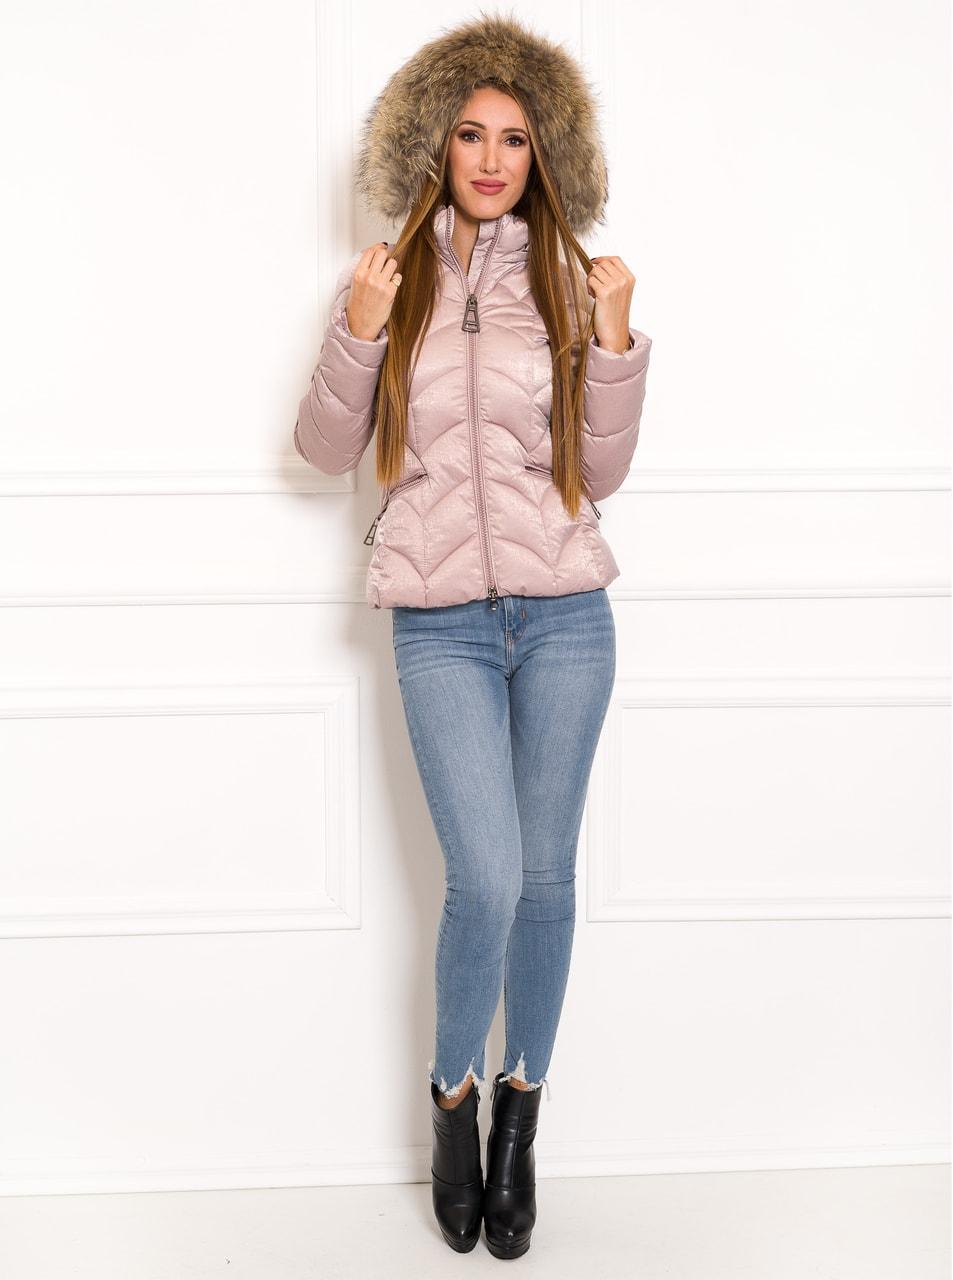 Glamadise.sk - Exkluzívna krátka zimná bunda s pravou kožušinou ... 549440b2963